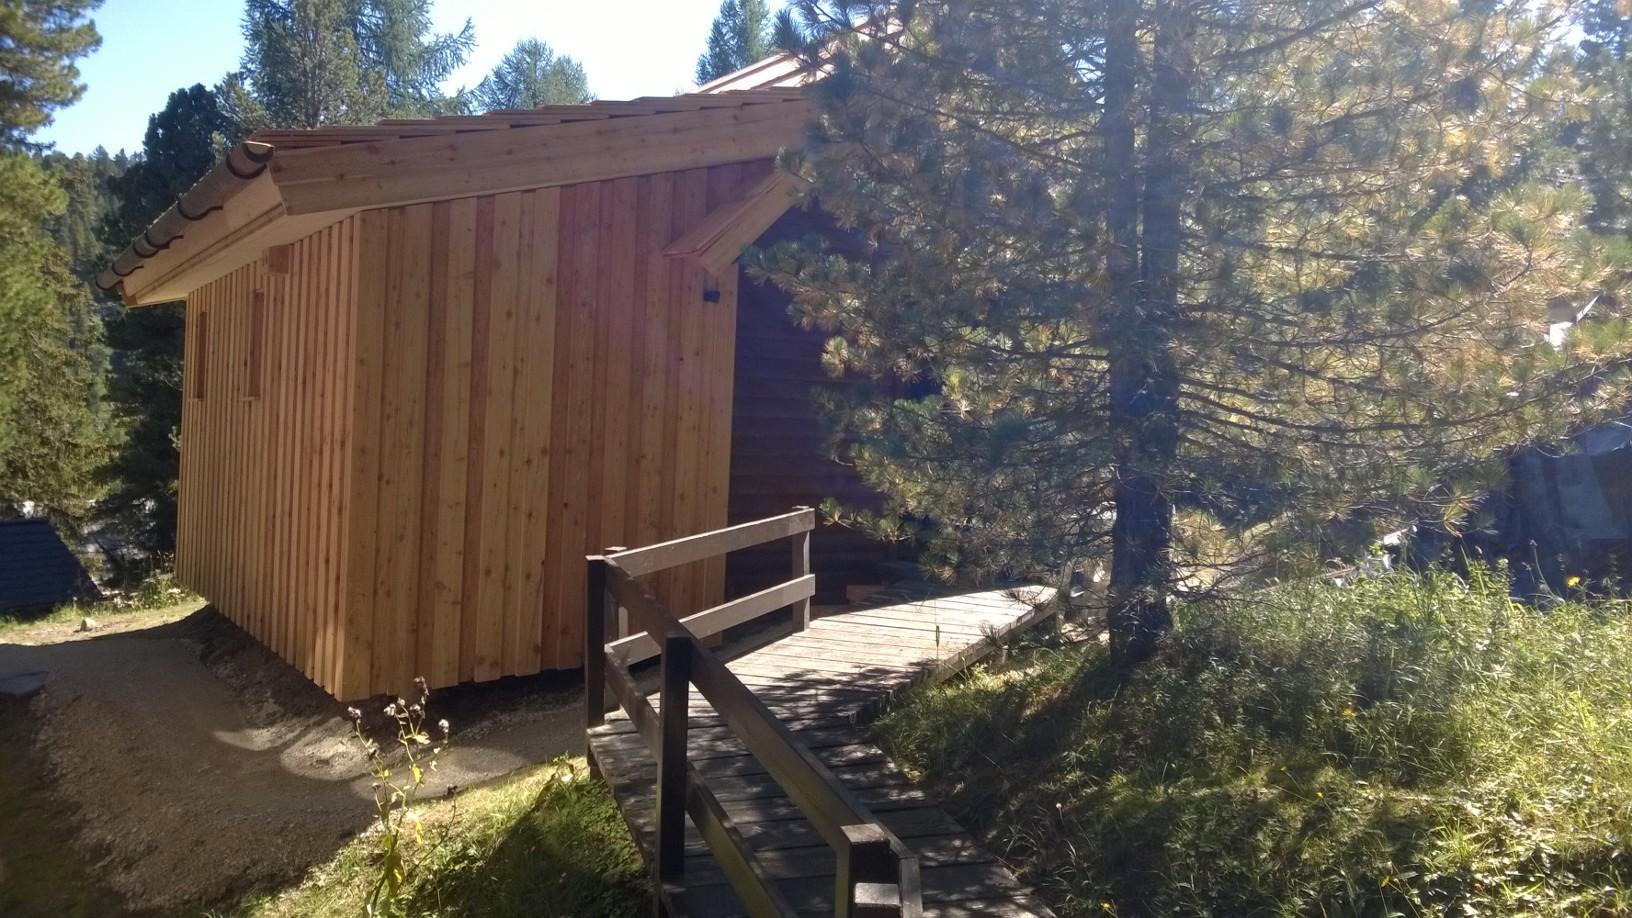 Zirbenwald-Chalet Turracher Höhe - Nordansicht mit Holzsteg